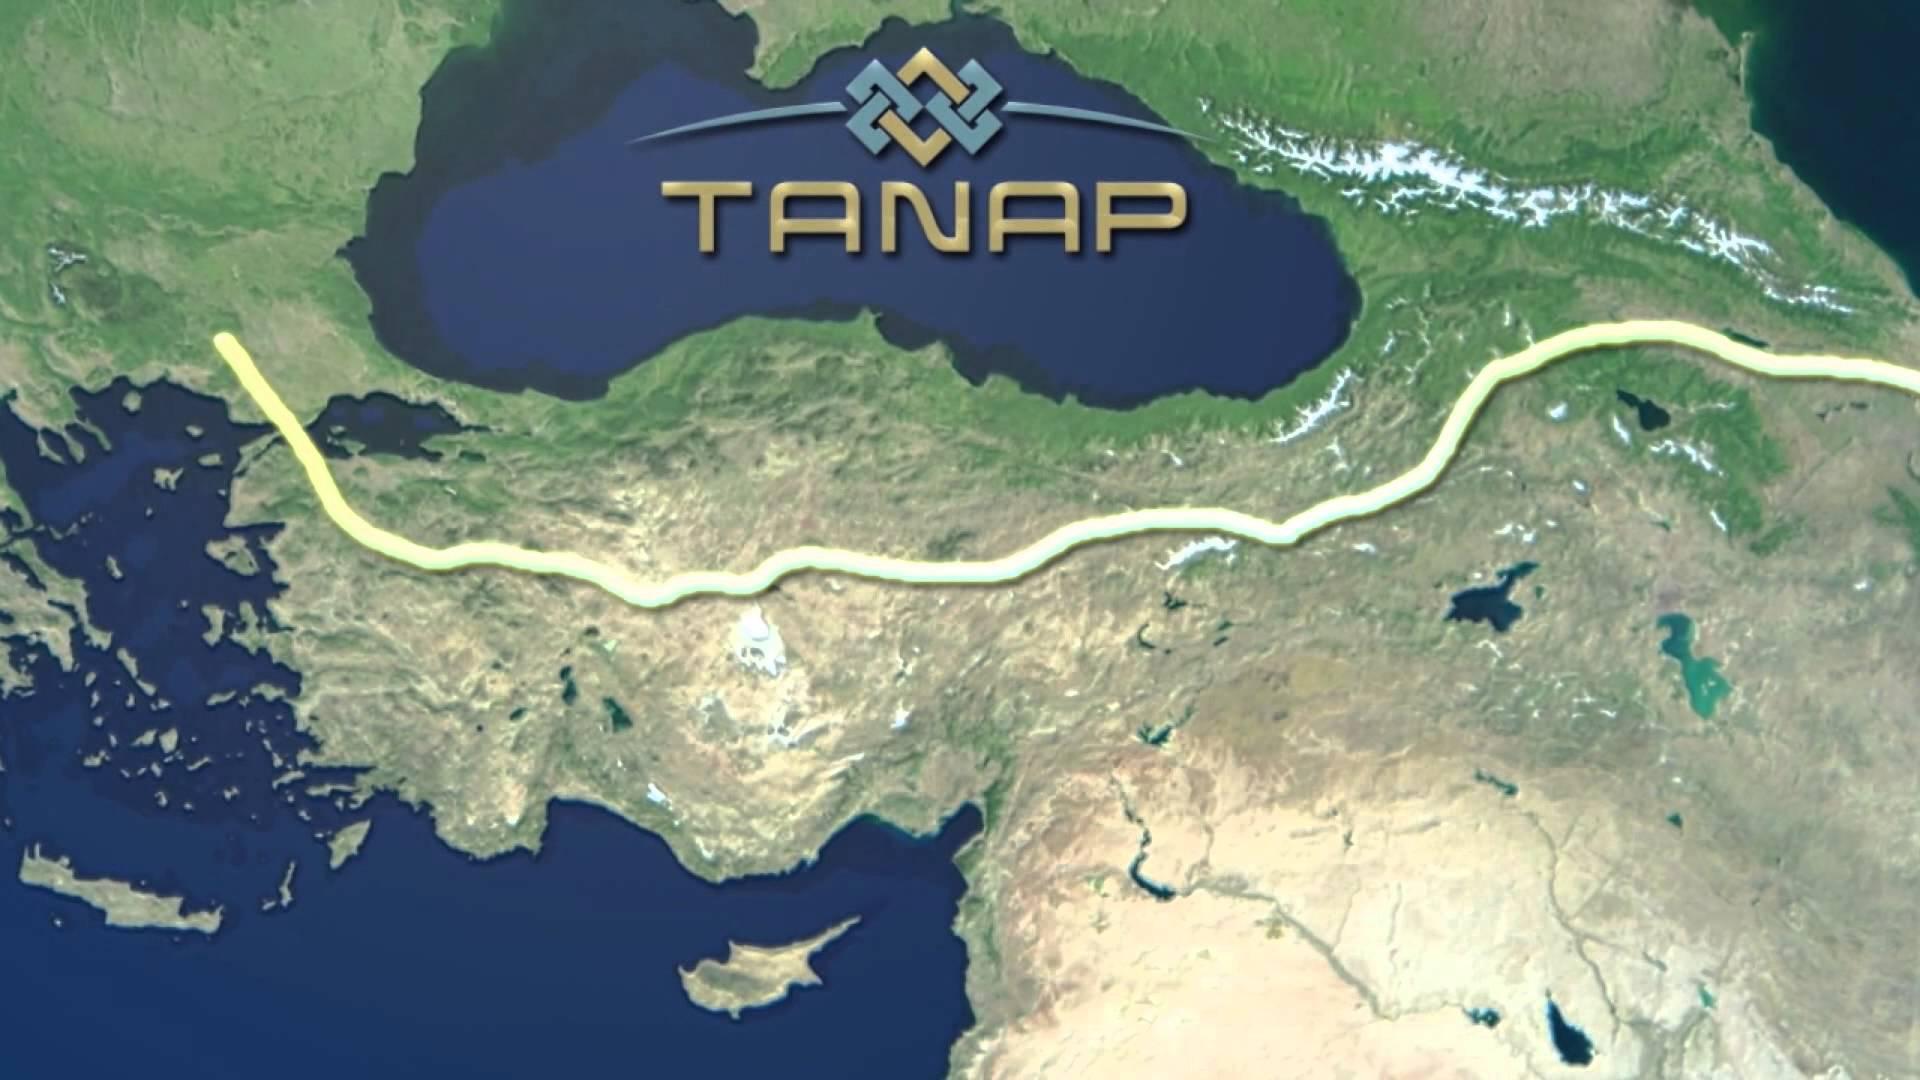 TANAP'a EBRD'den 500 milyon dolarlık finansman